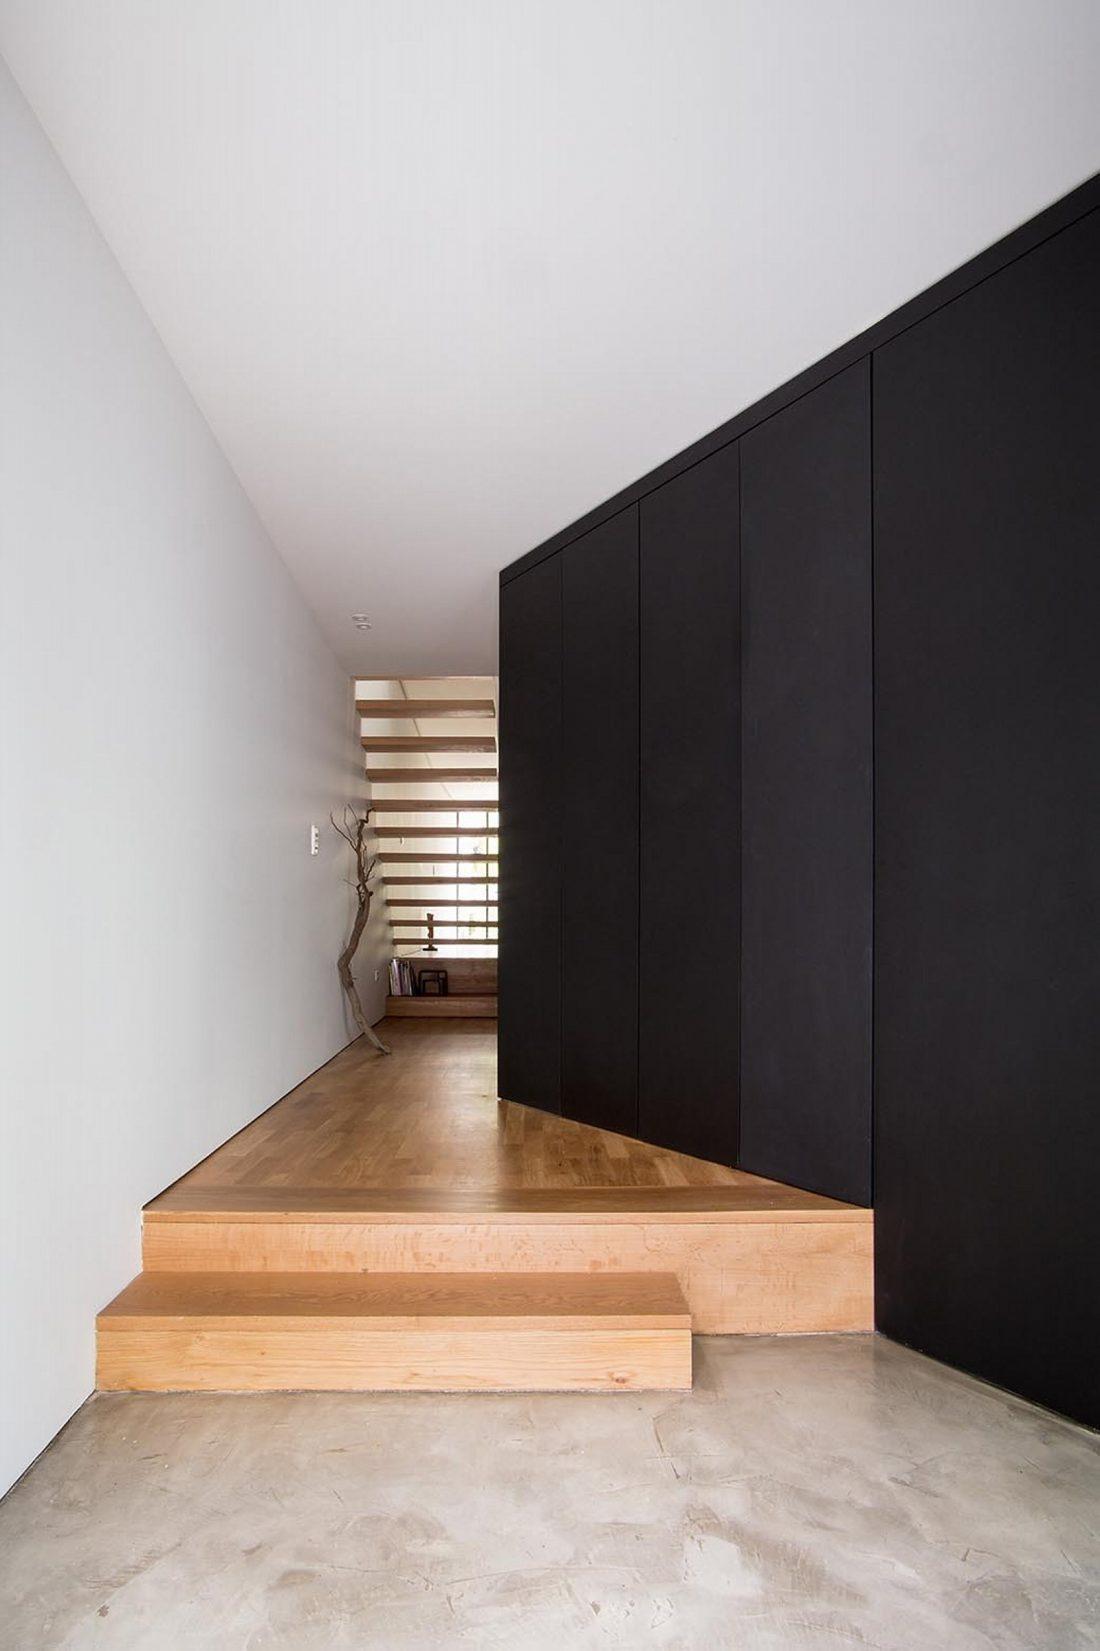 Реконструкция старинного дома Bonjardim House в Португалии по проекту ATKA arquitectos 12